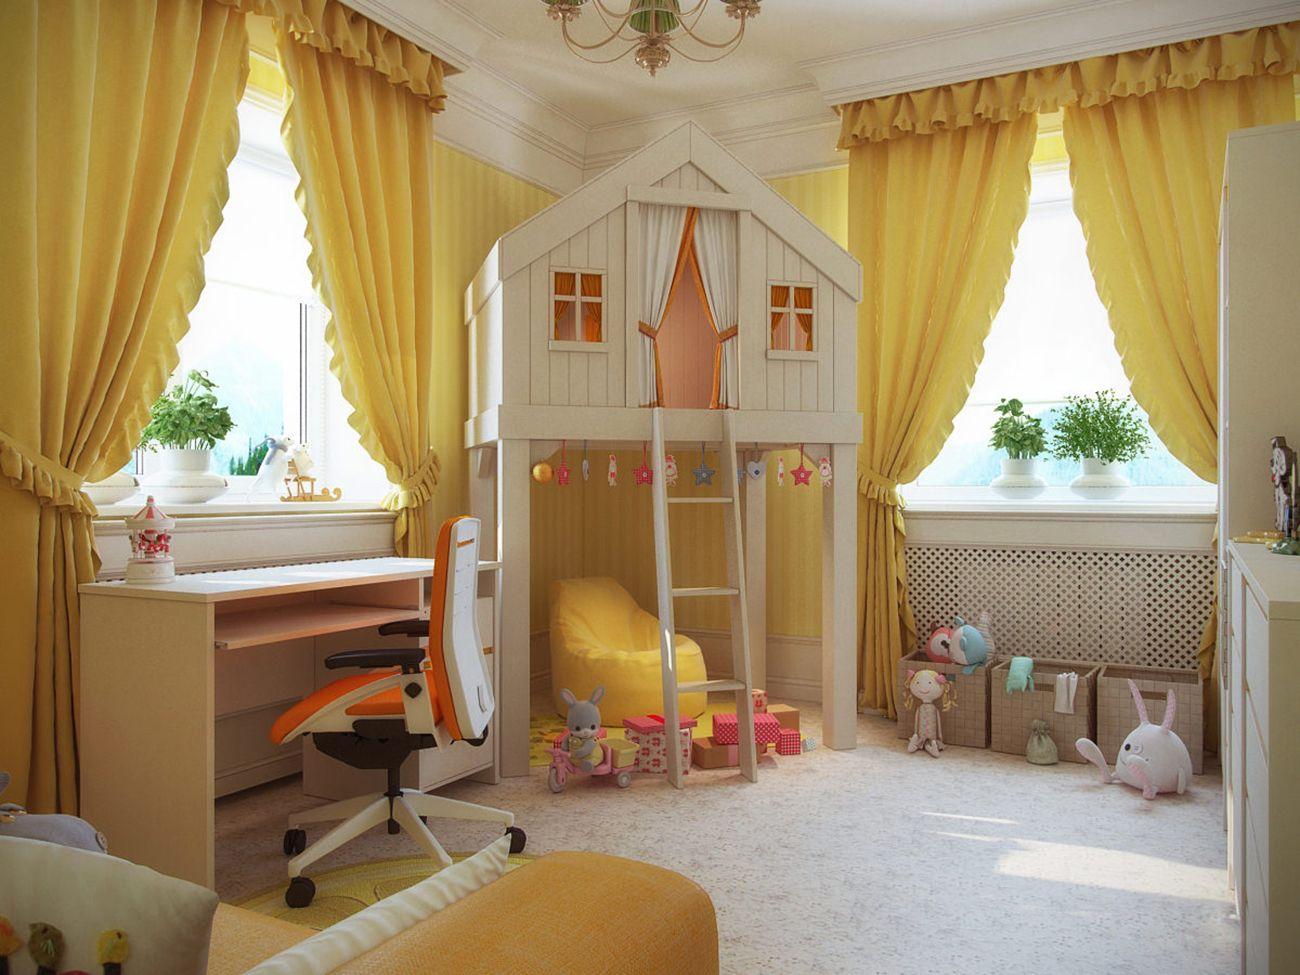 Интерьер детской комнаты в желтом цвете: солнечное настроение (25 фото)